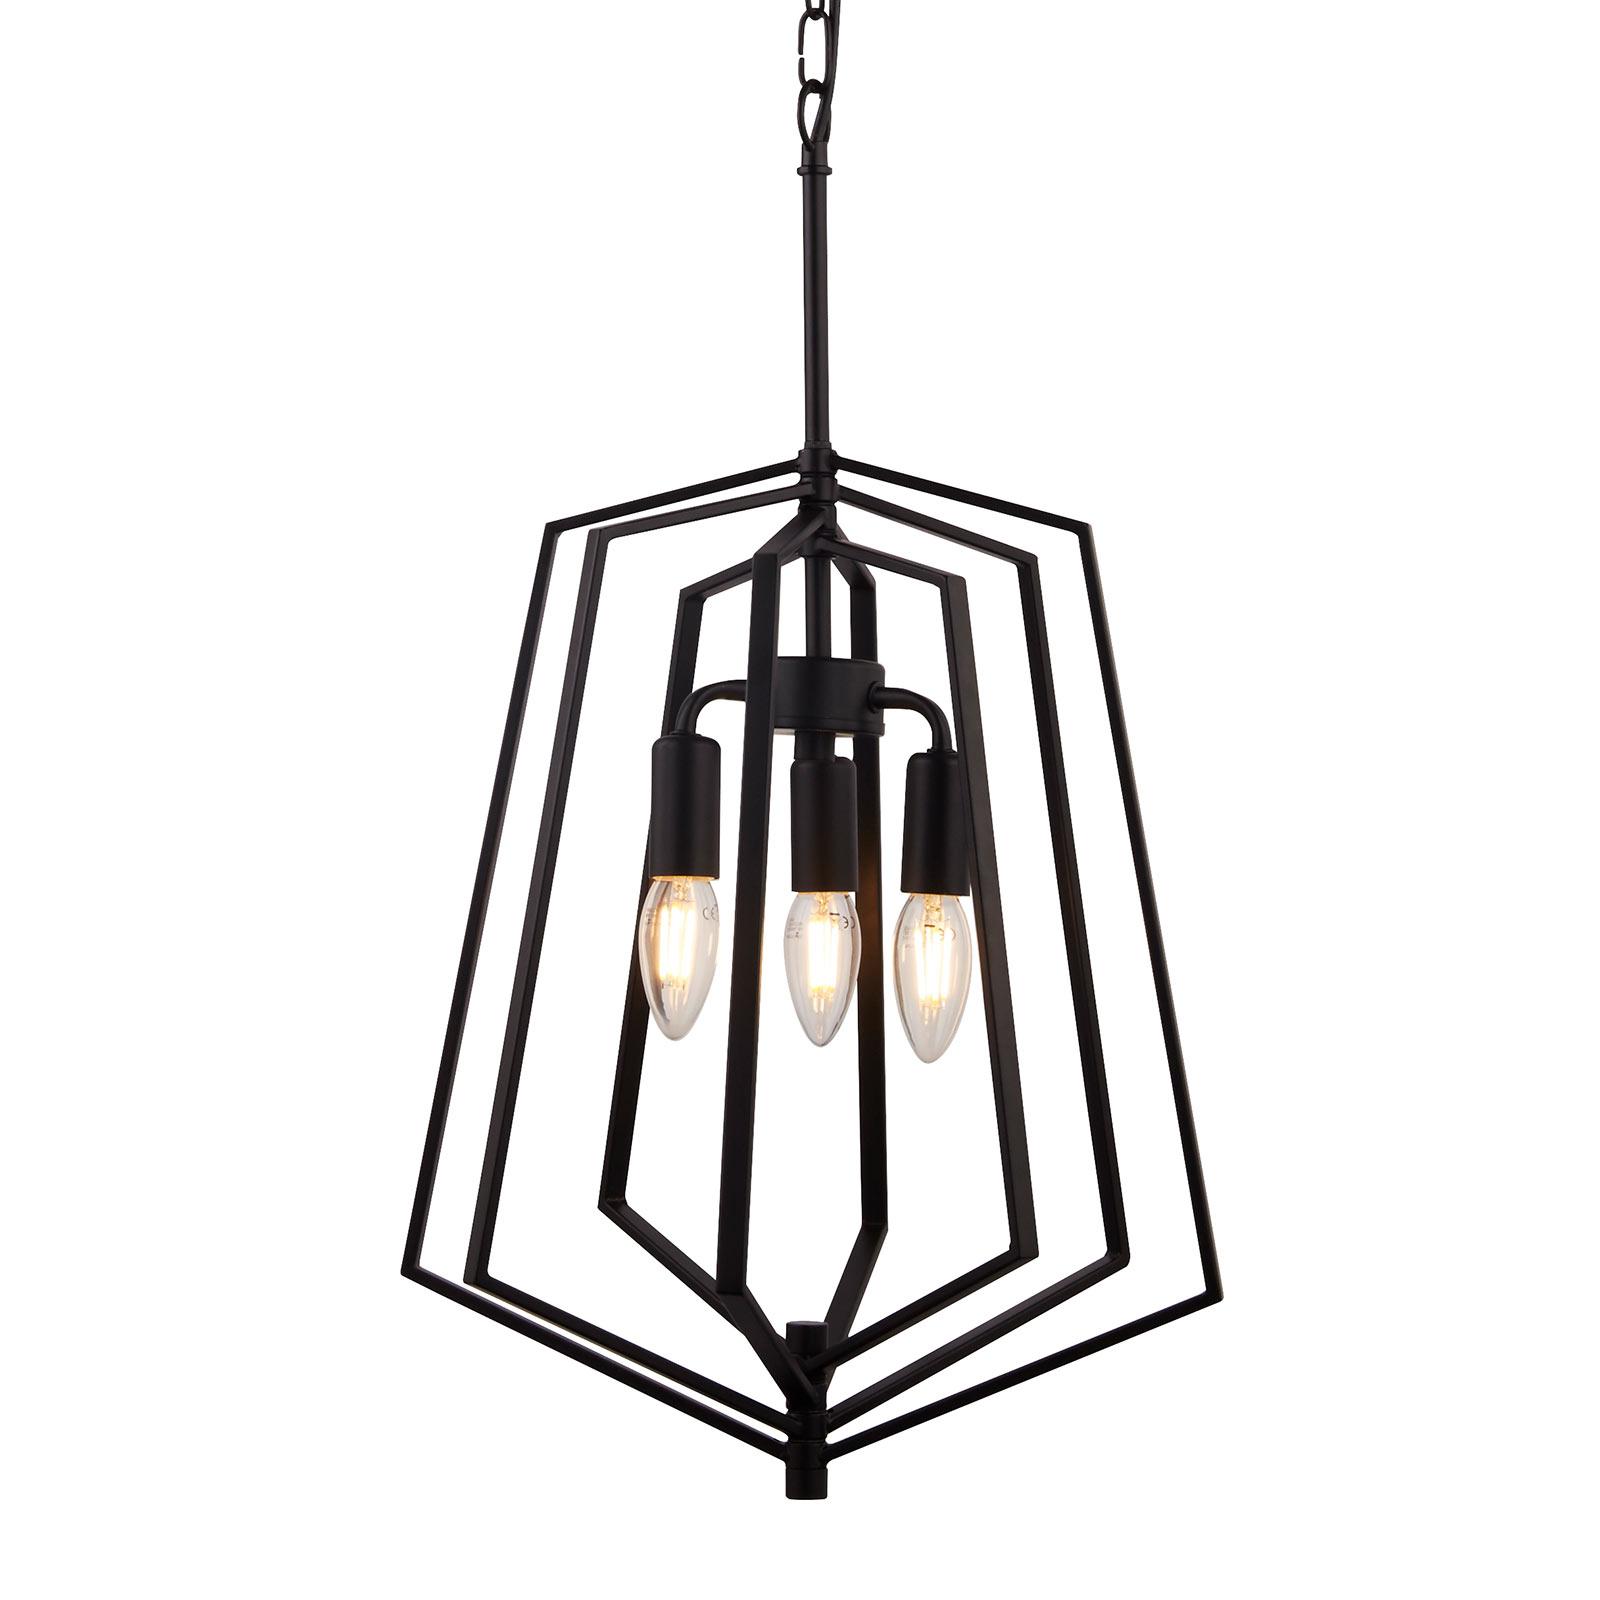 Lampa wisząca Slinky 3-punktowa, czarna, Ø 35cm